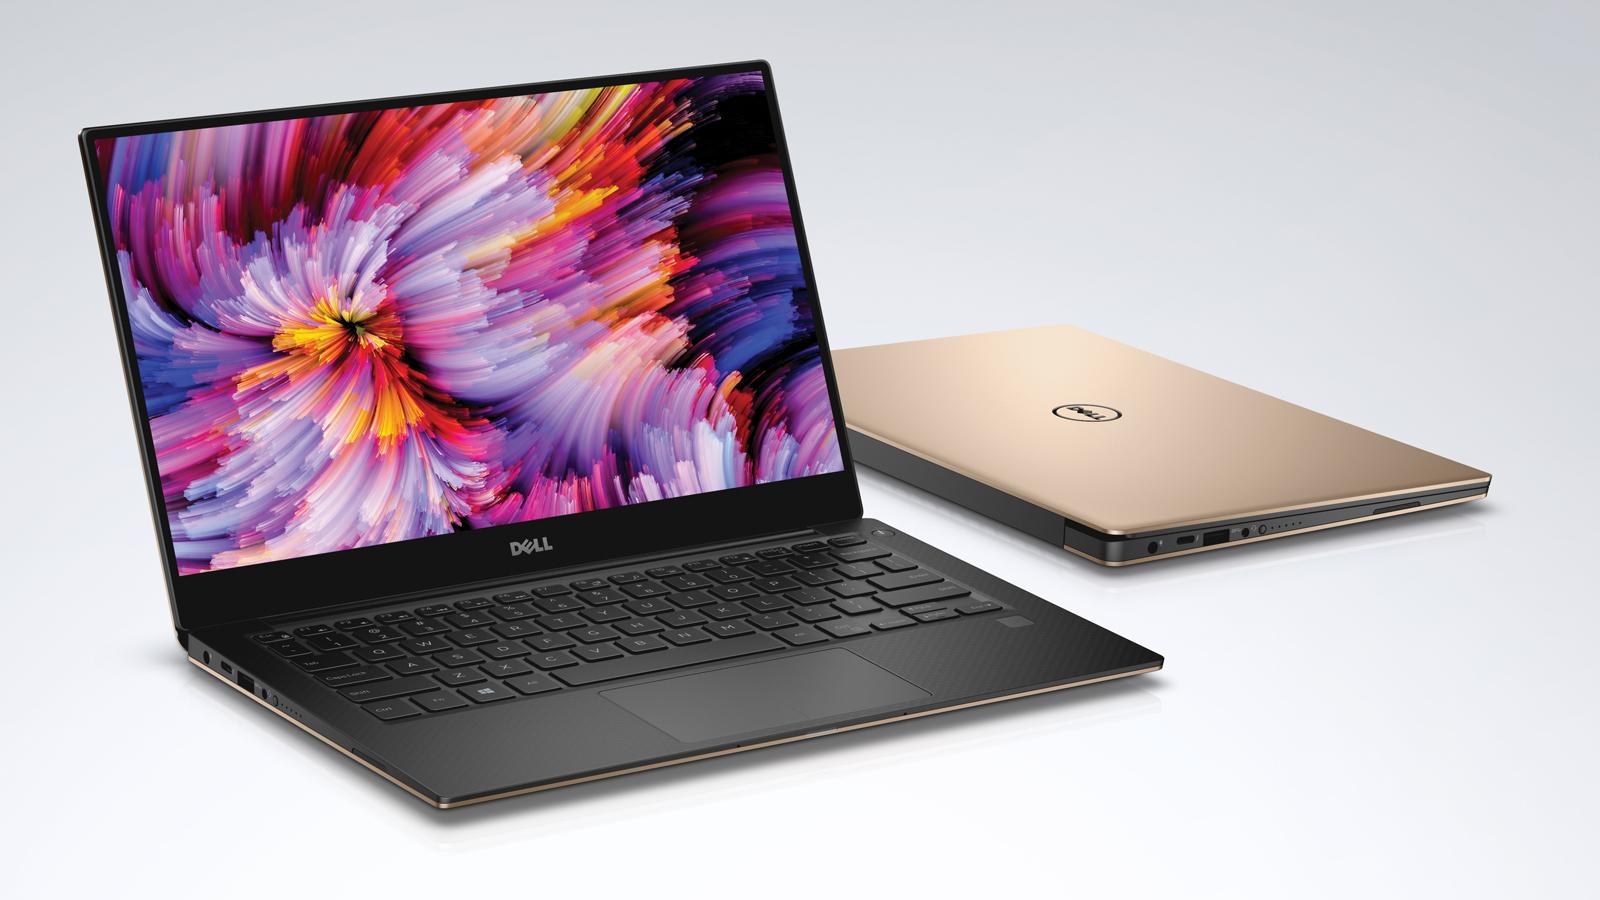 Dell XPS 13 er nå tilgjengeig i rosegull.